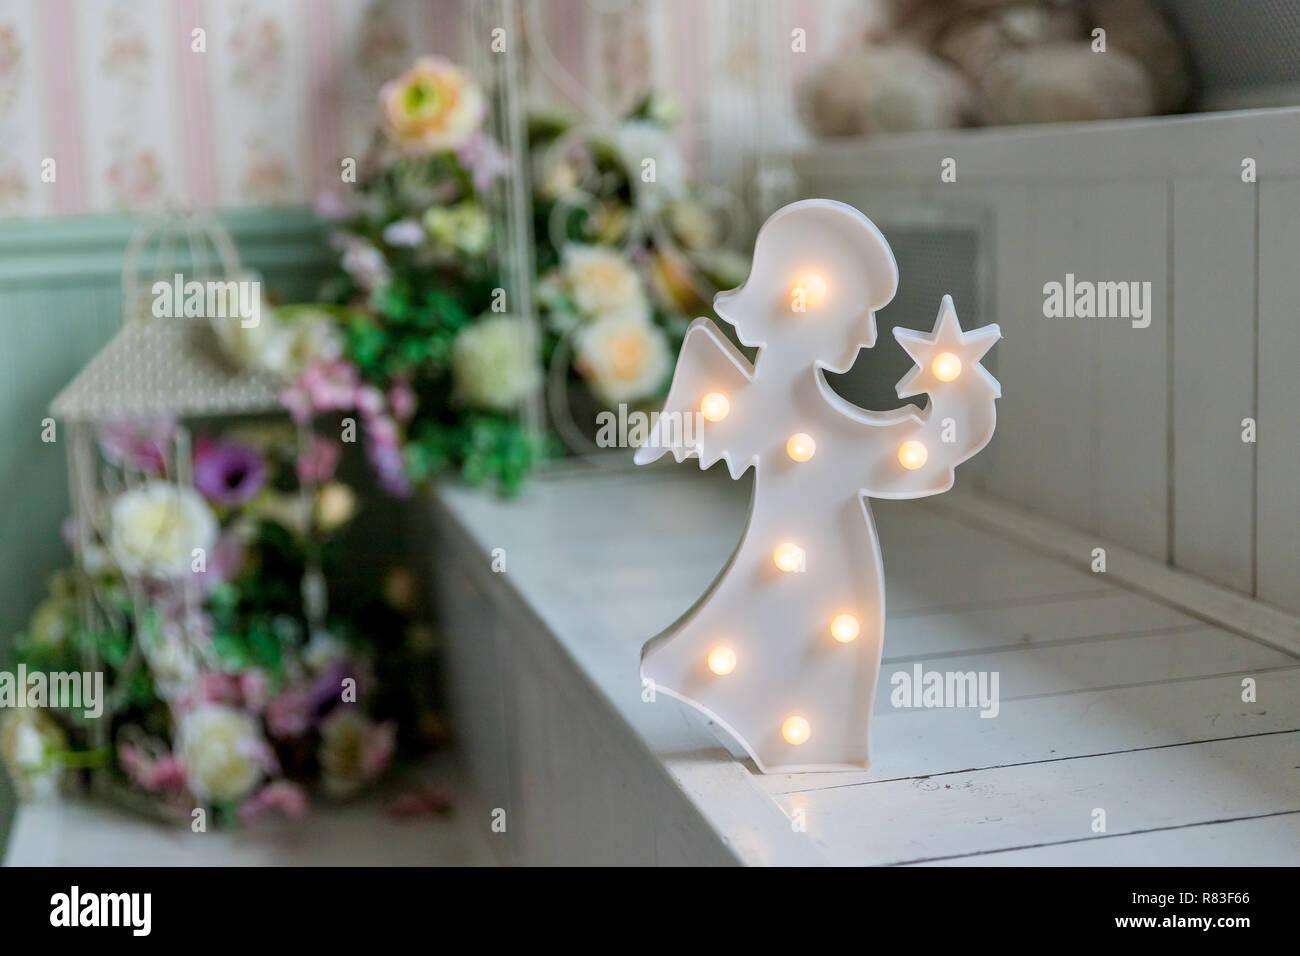 Weihnachtsdekoration. Abbildung eines kleinen Engel mit ...